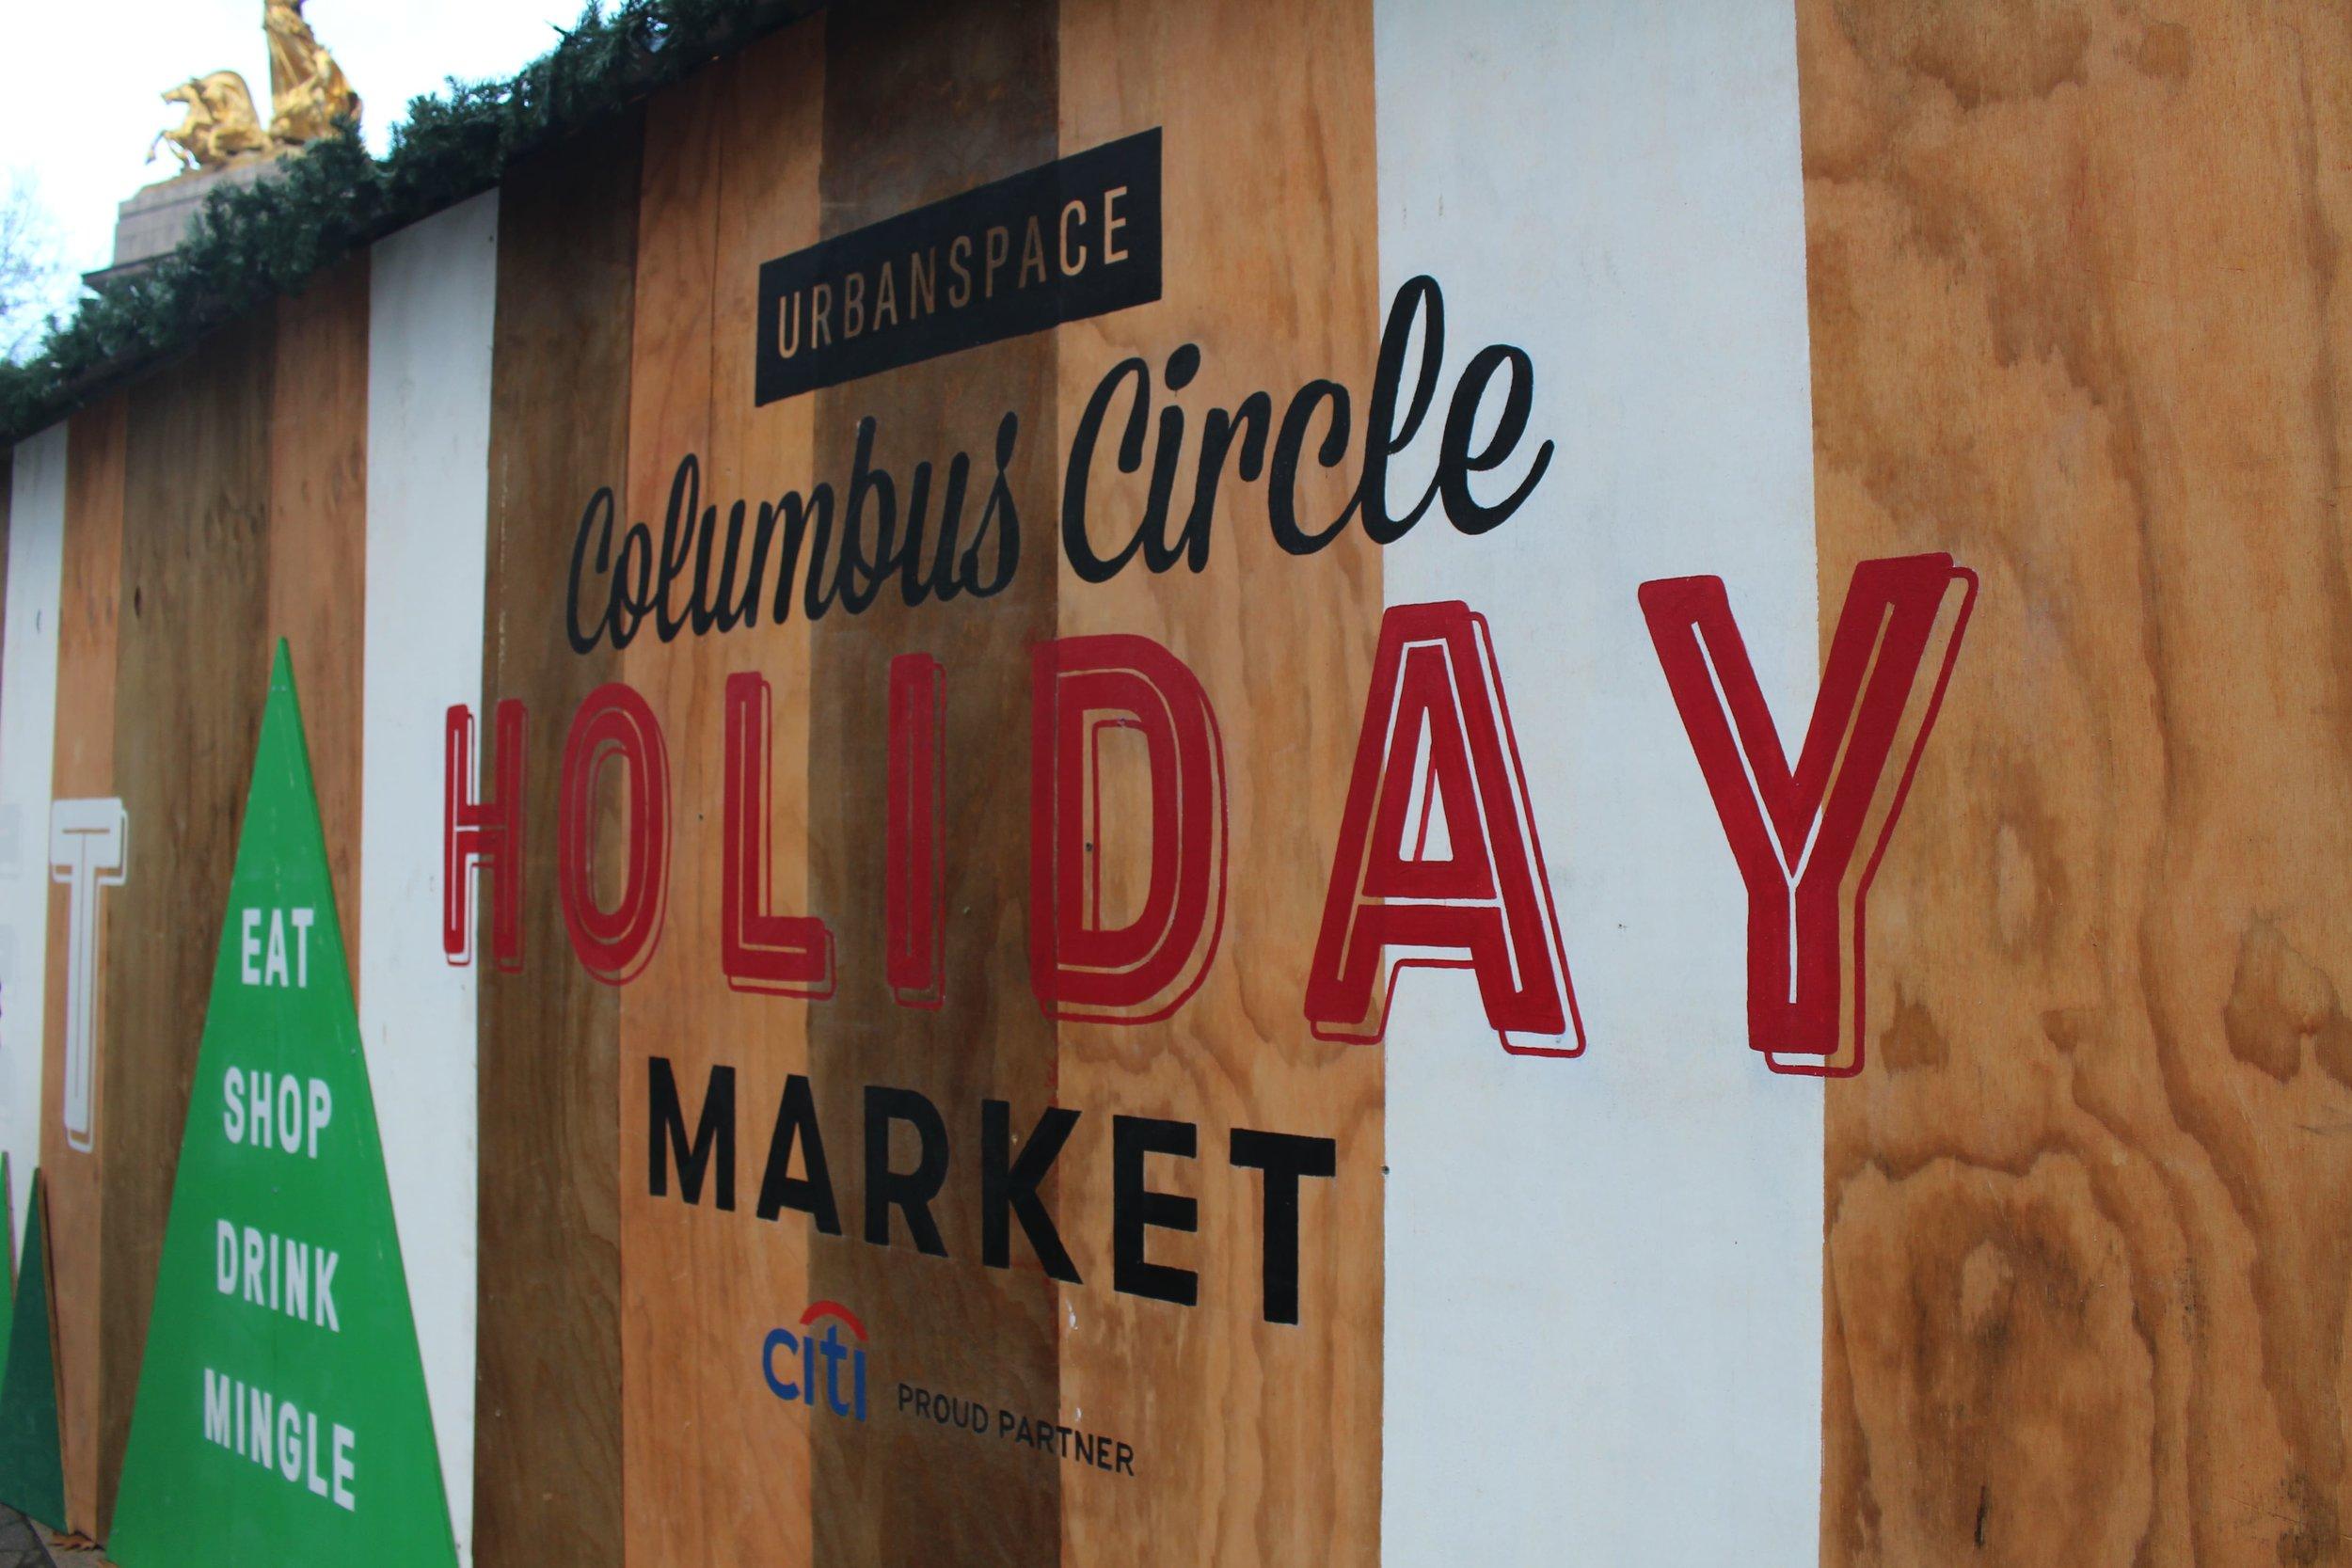 COLUMBUS CIRCLE HOLIDAY MARKET - B FLORAL